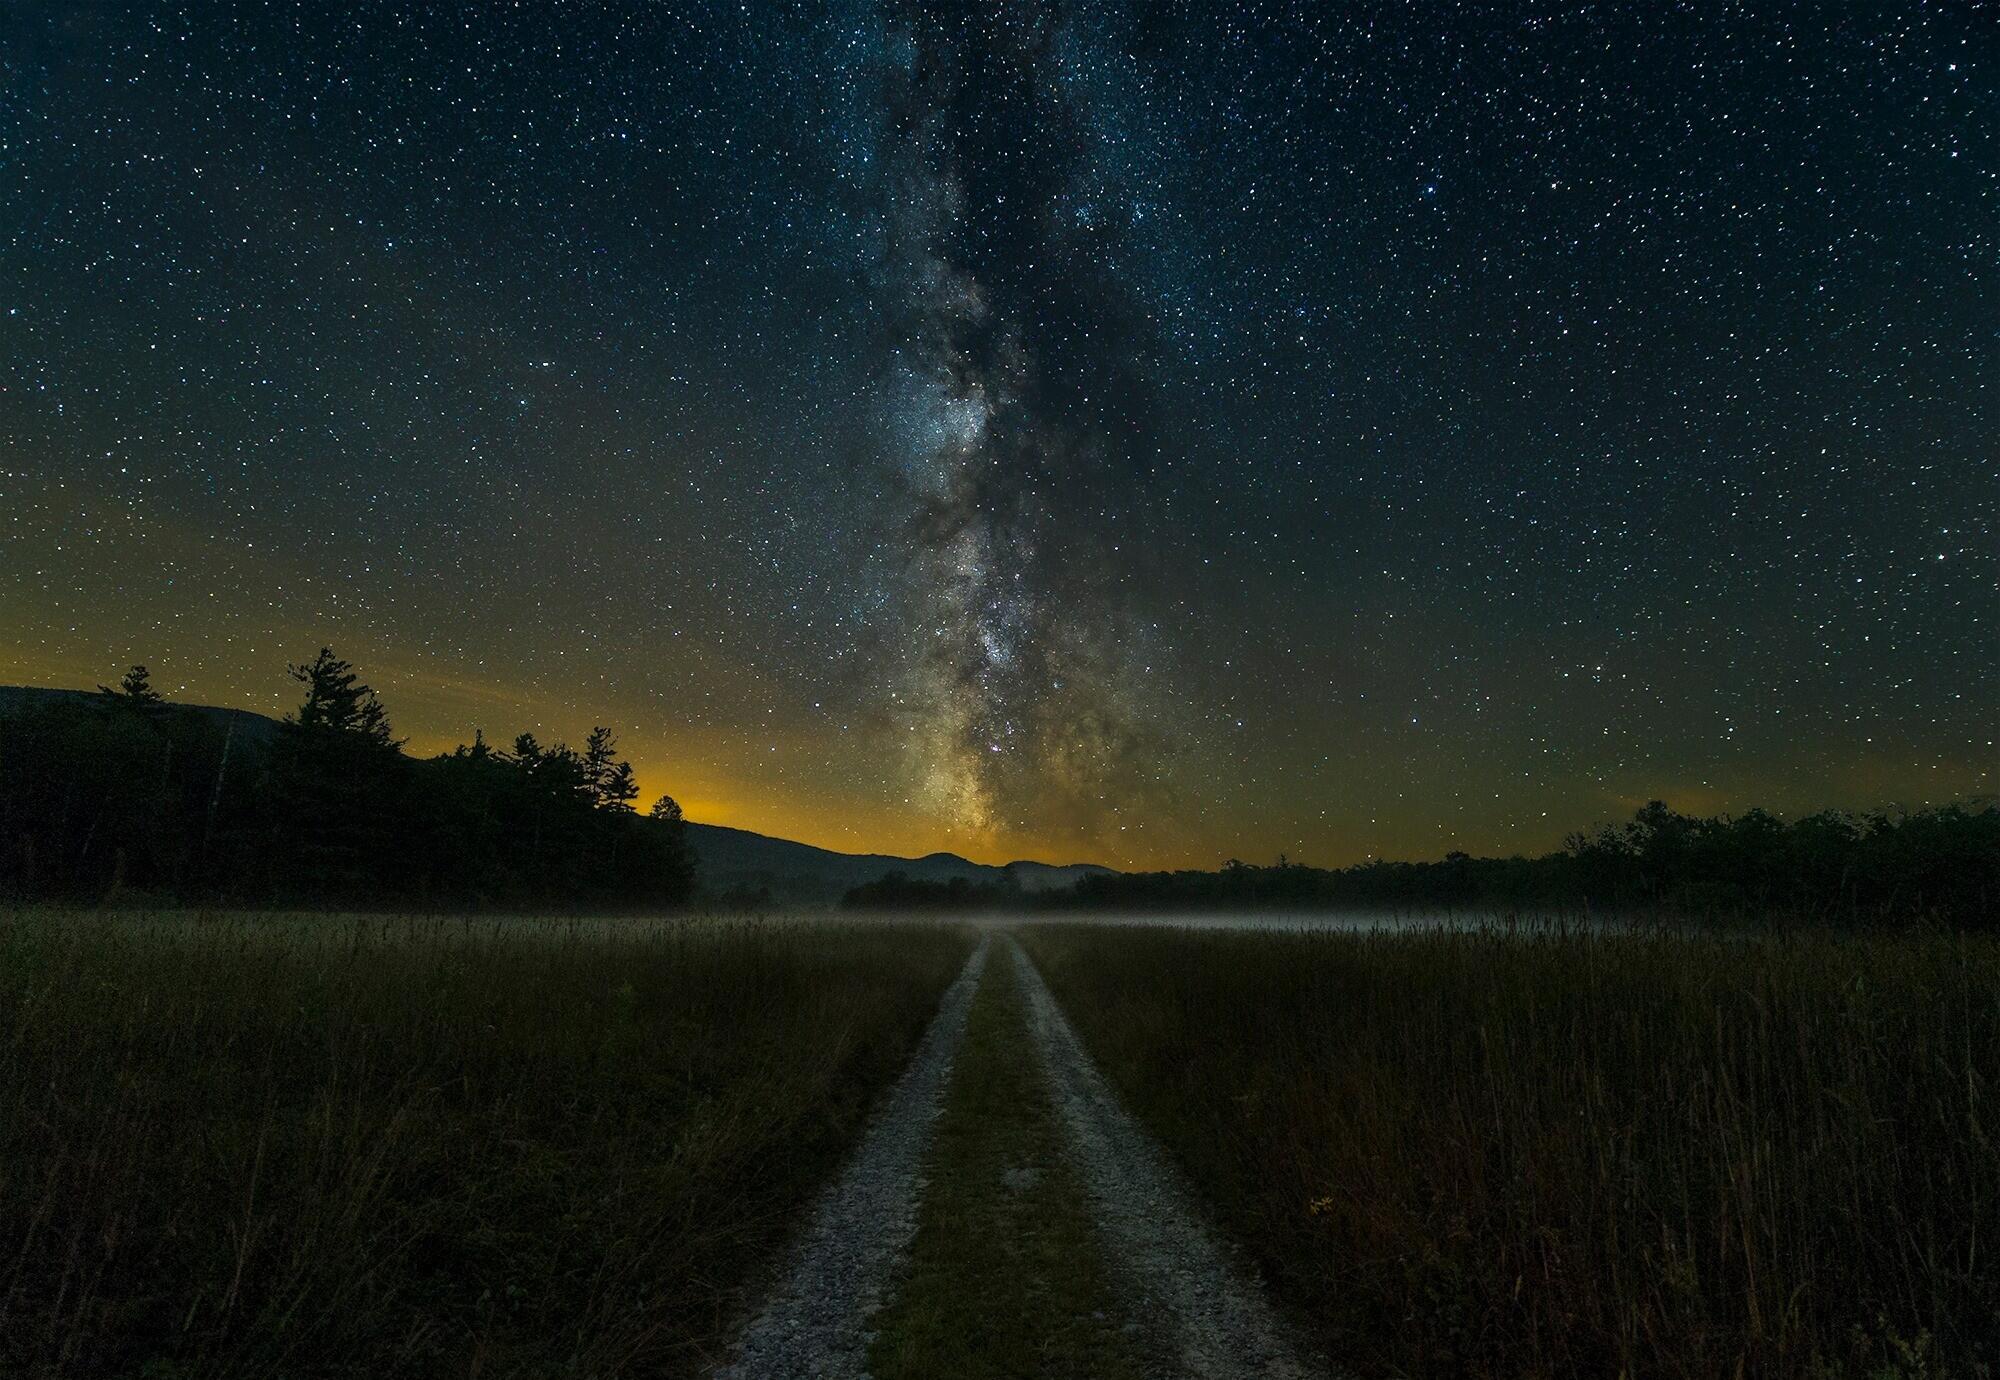 это картинки ночью в поле звезд благодать светлый праздник